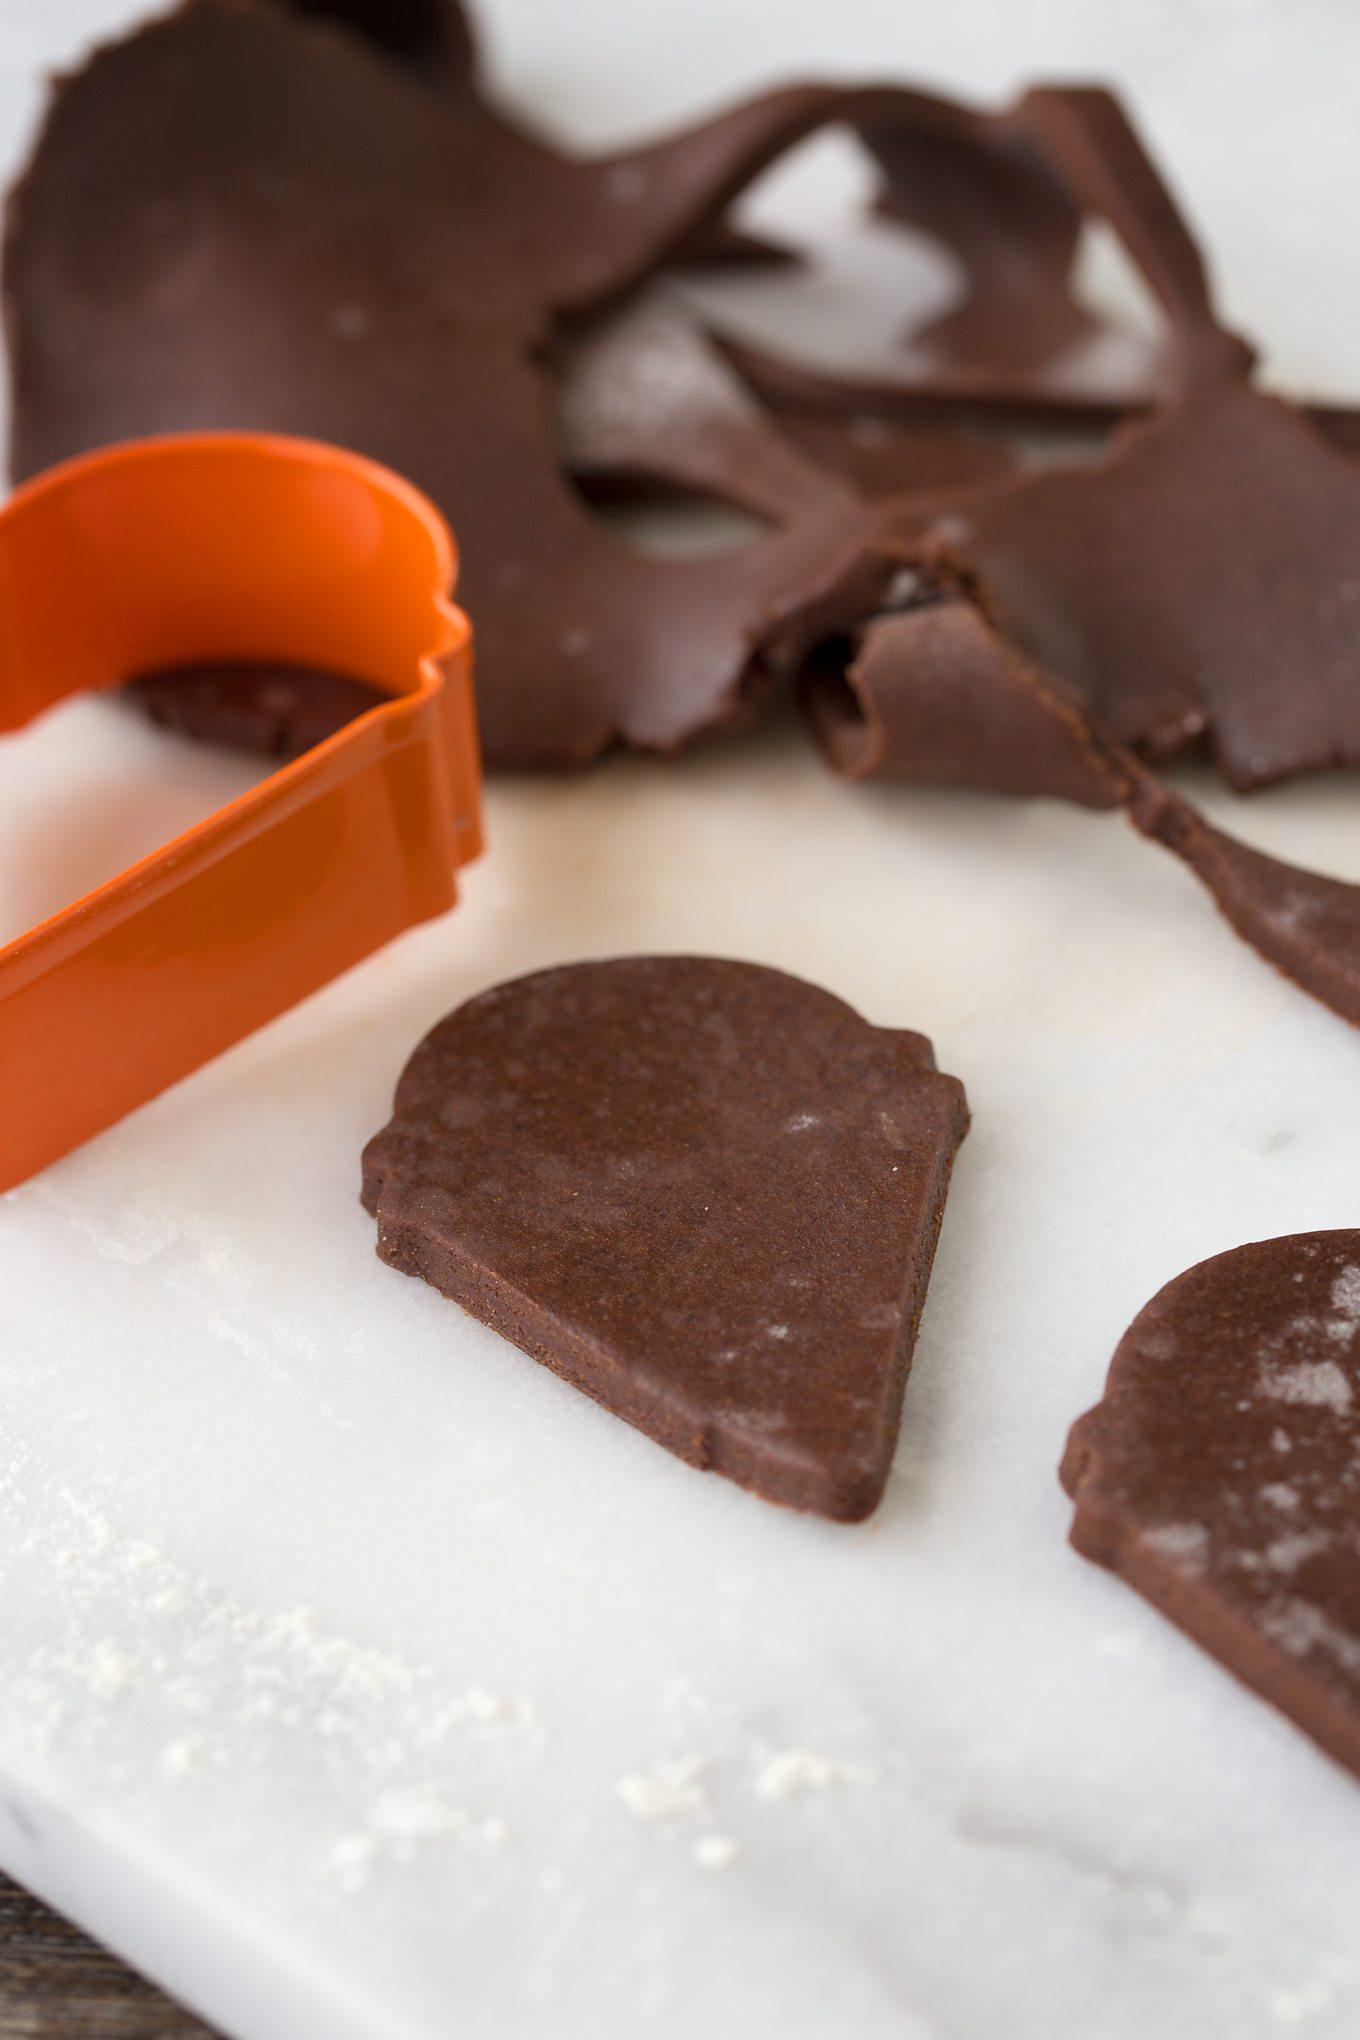 Chocolate Reindeer Cookies In-Process